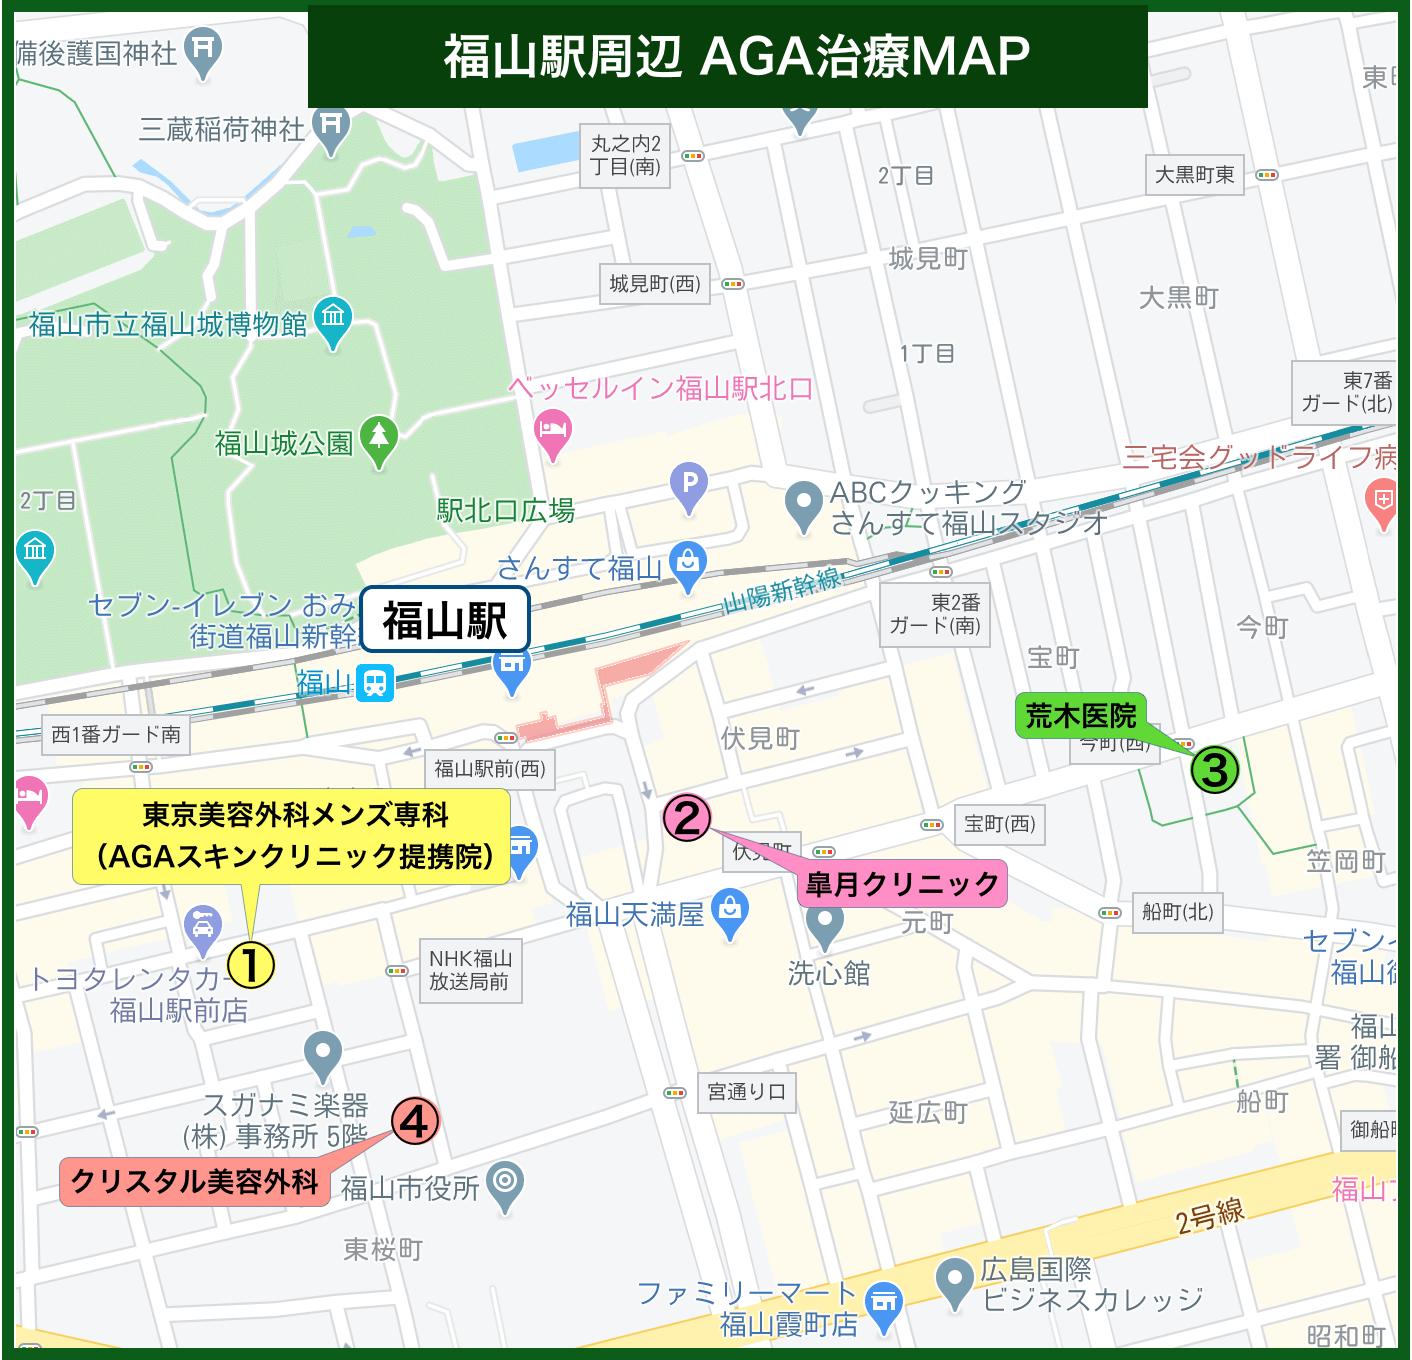 福山駅周辺 AGA治療MAP